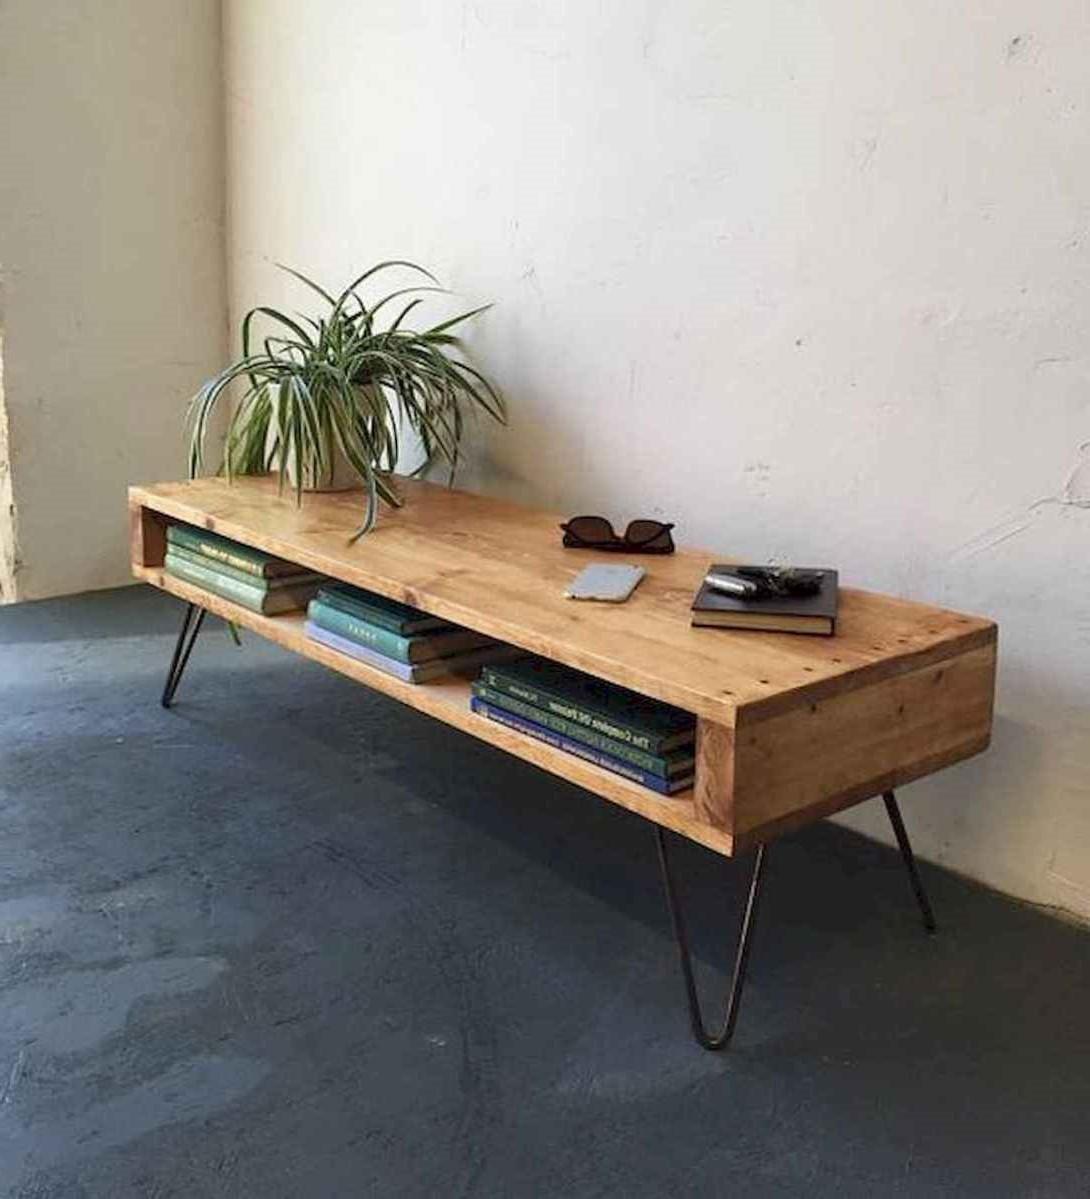 Un autre exemple d'une commode de télévision faite de palettes en bois.